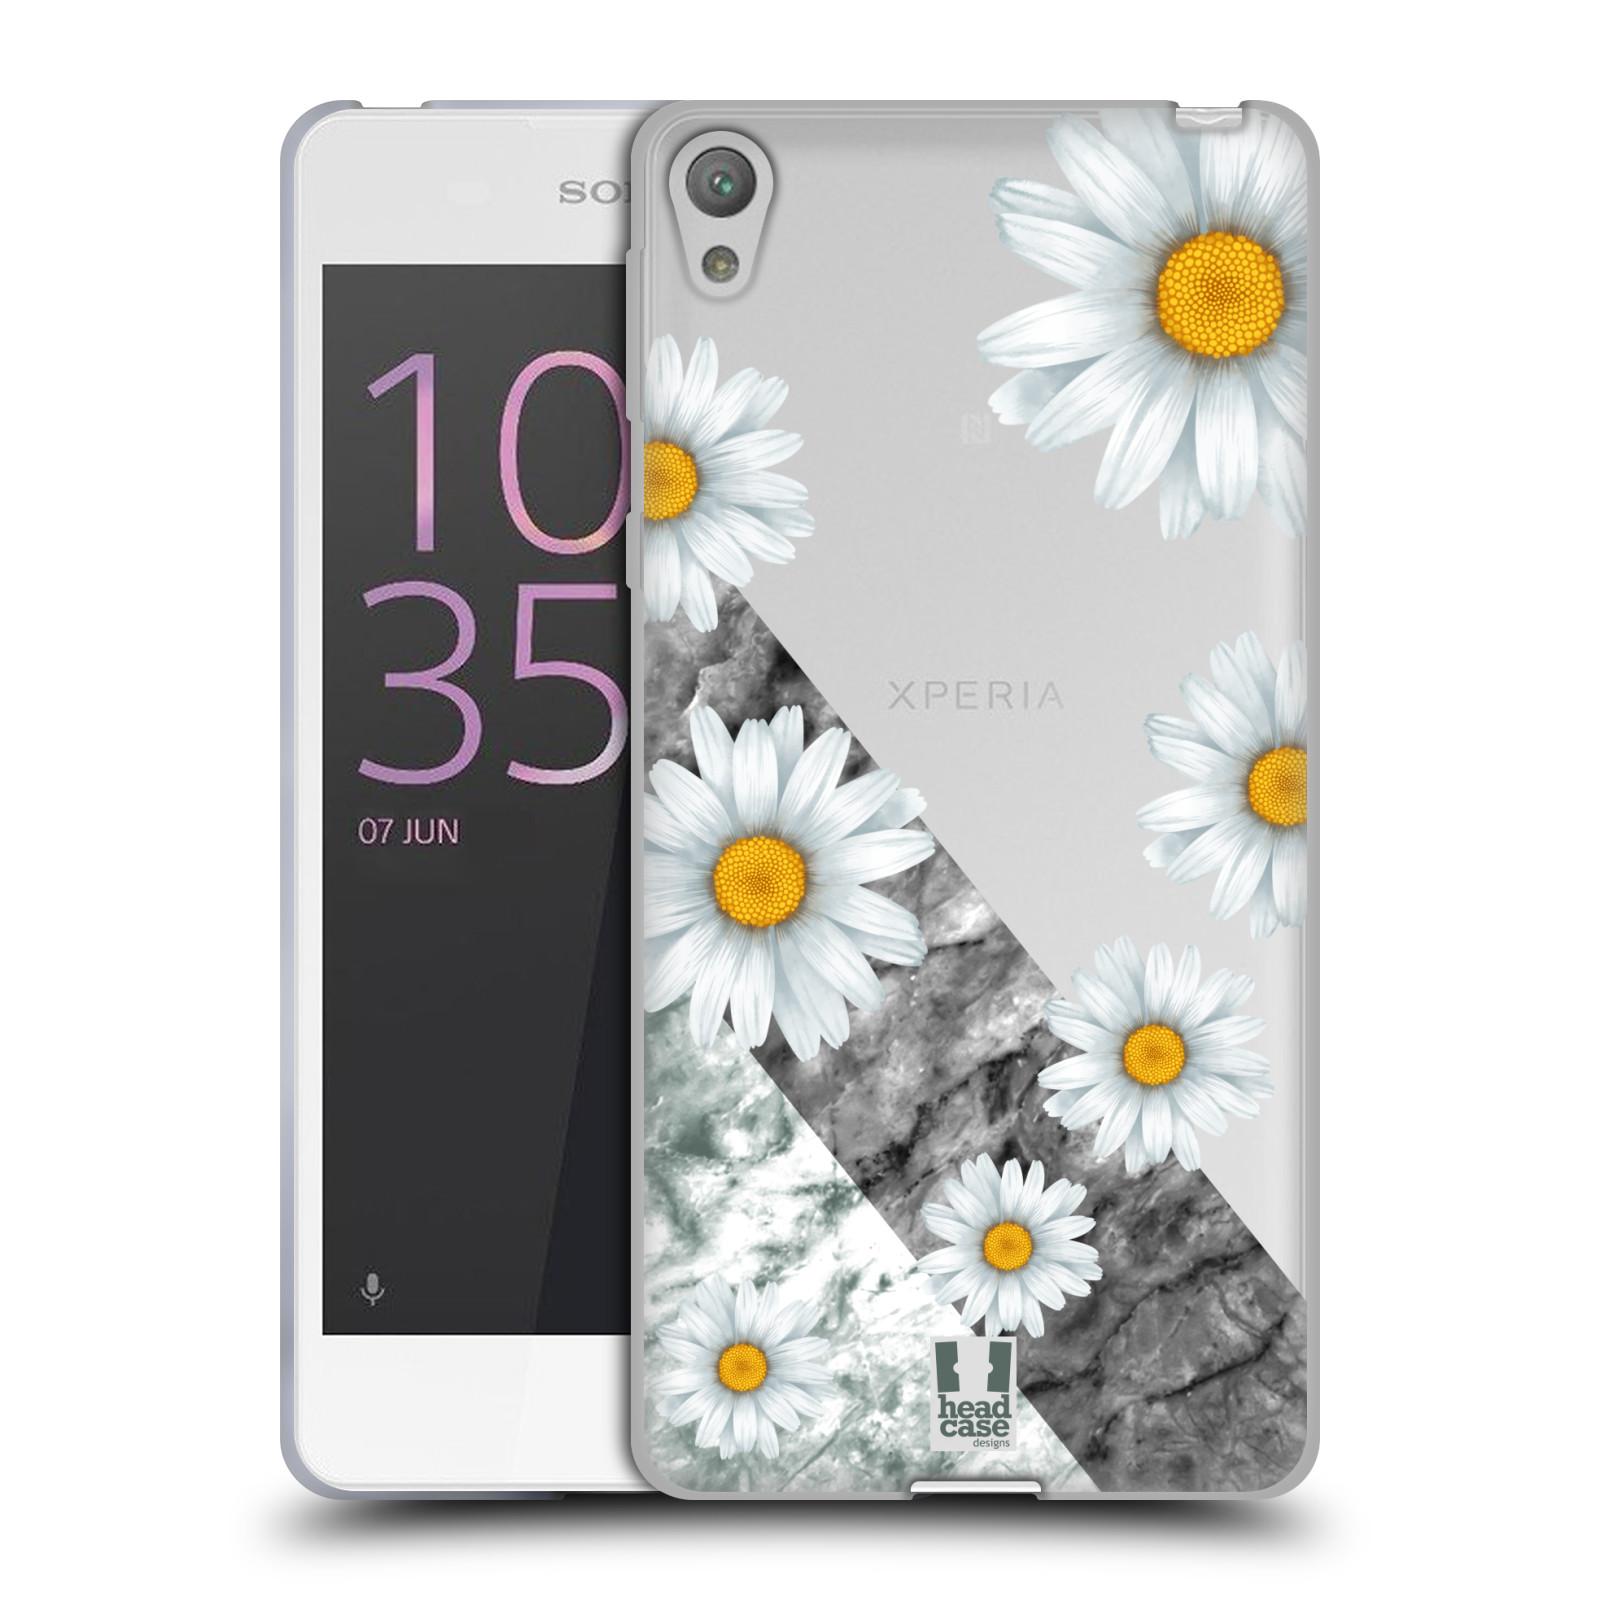 Silikonové pouzdro na mobil Sony Xperia E5 - Head Case - Kopretiny a mramor